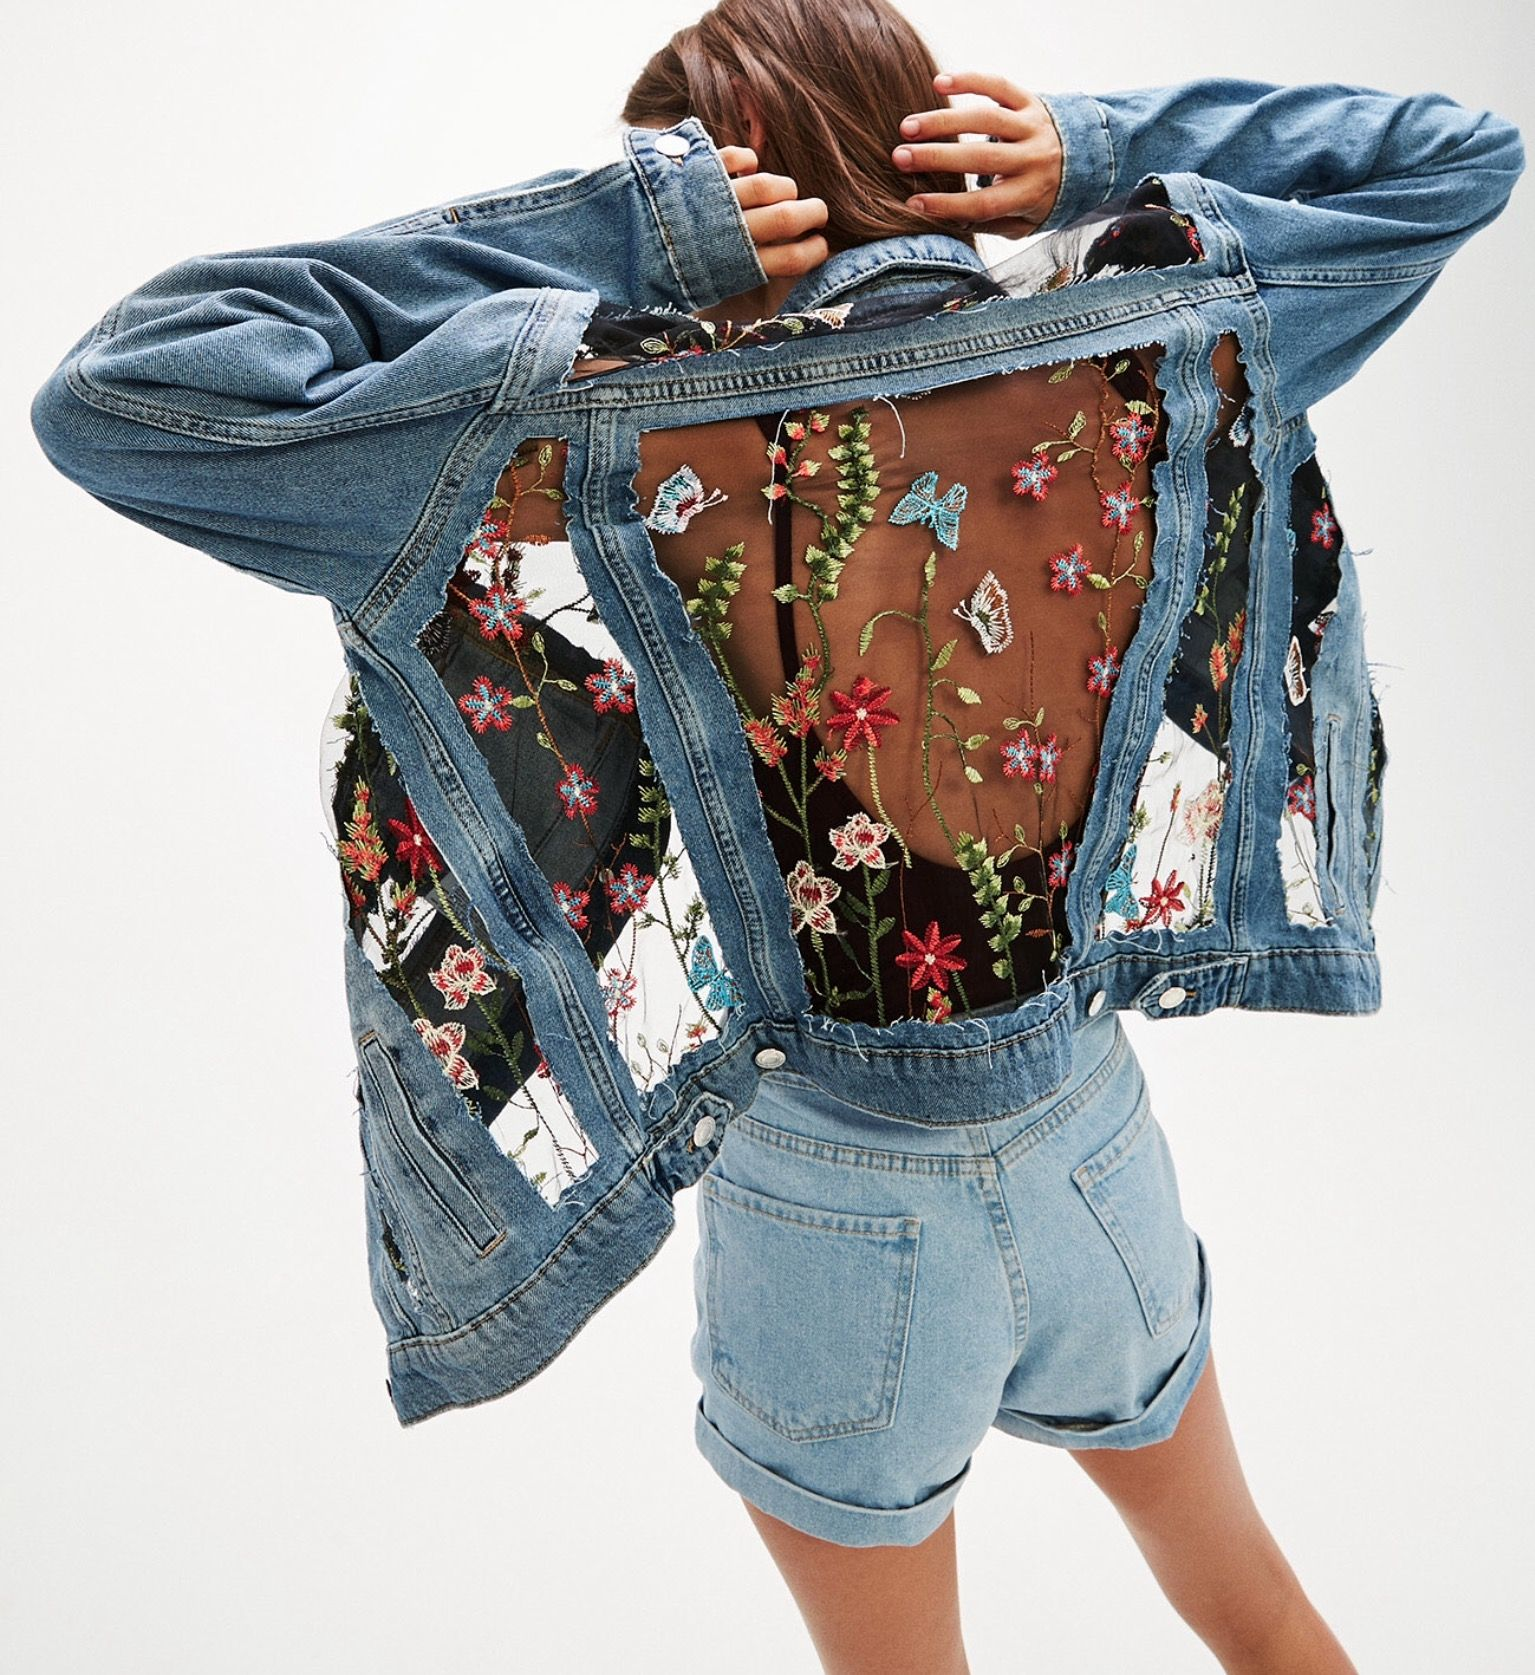 Célèbre Épinglé par Wilma sur Denim | Pinterest | Vêtements, Customisation  AK59